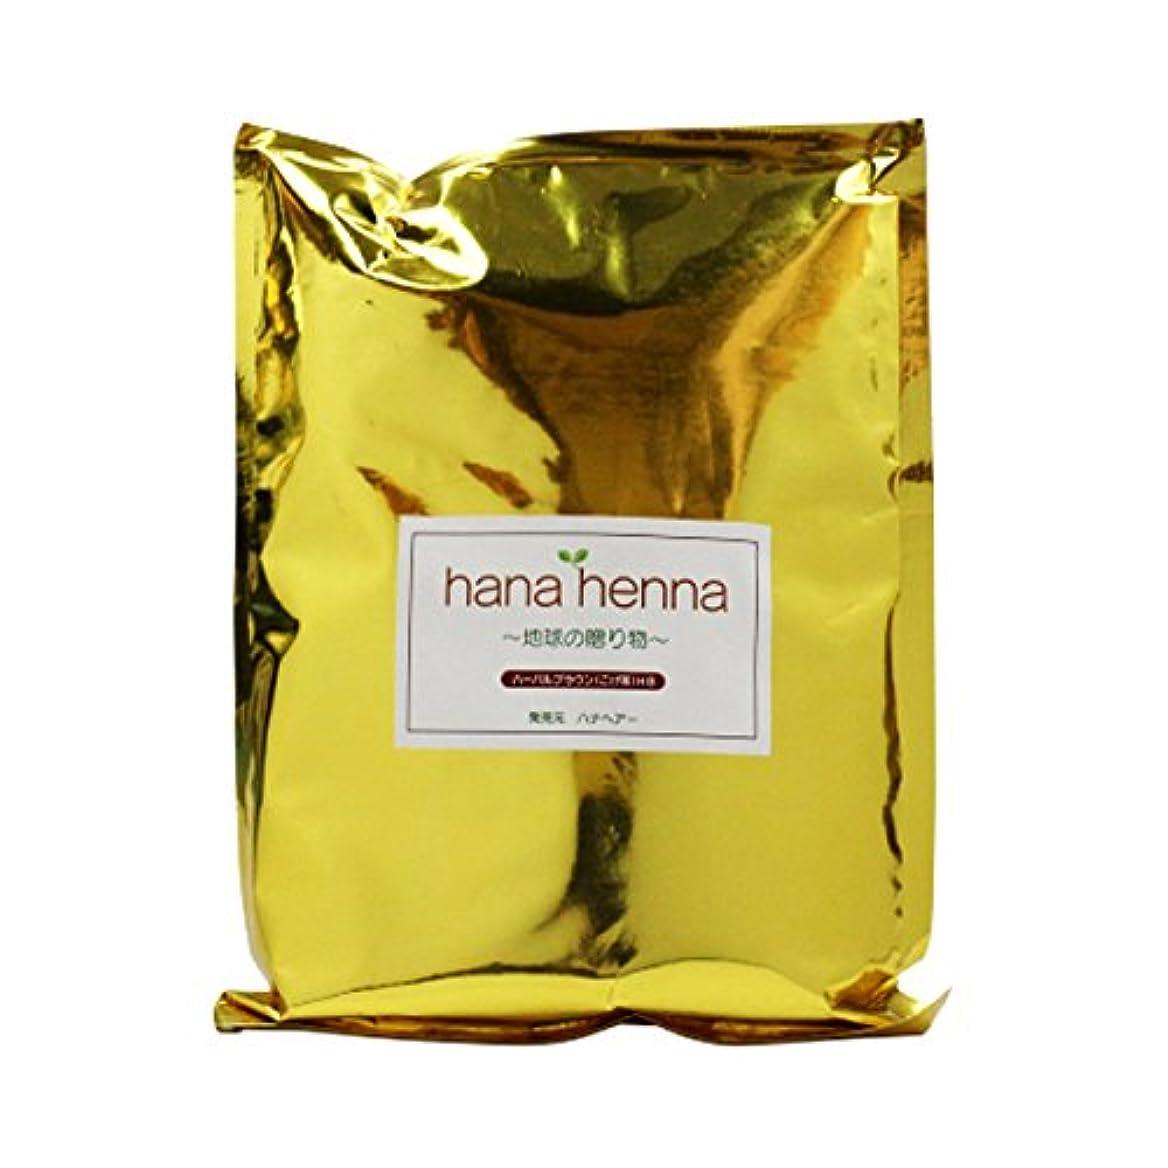 認証戦う規制するhanahenna ハーバルブラウン HB(こげ茶) 500g